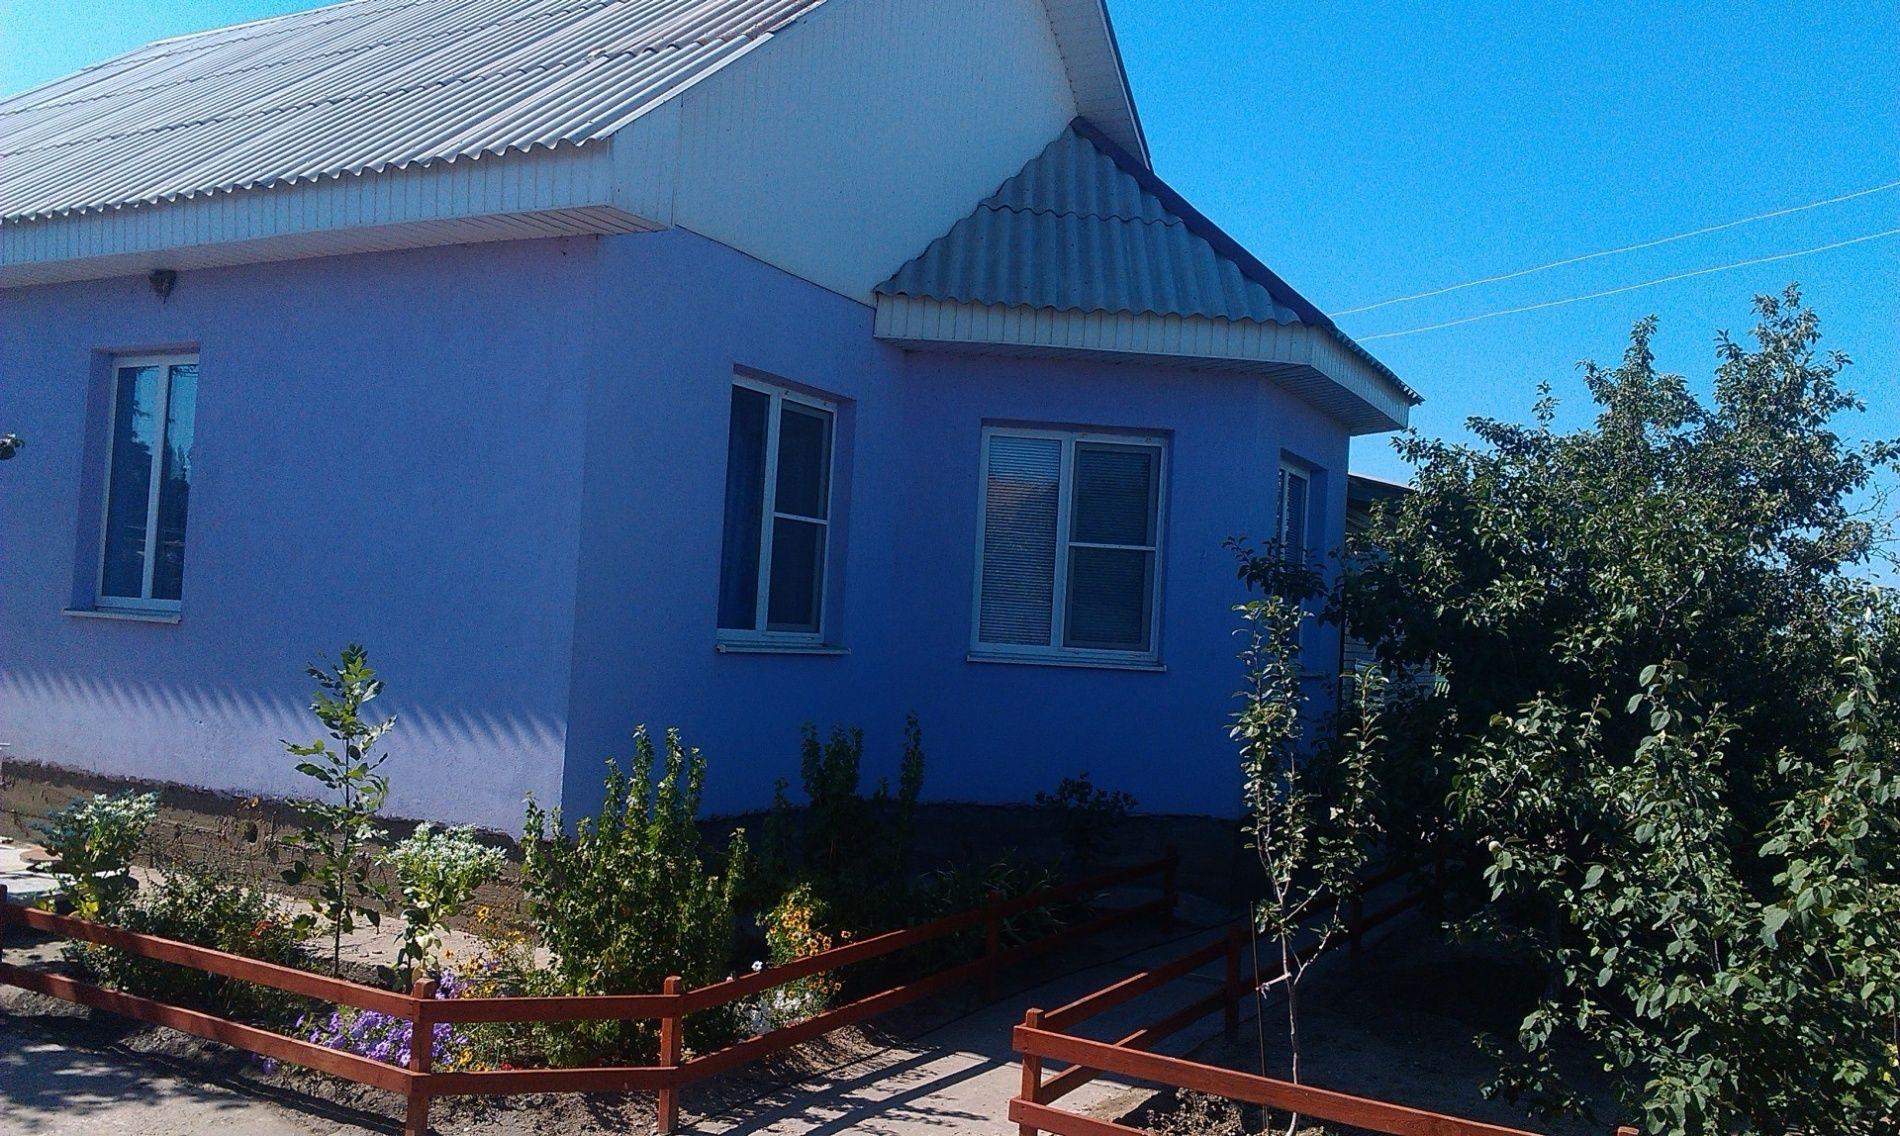 Гостевой дом «Дельта» Астраханская область, фото 2